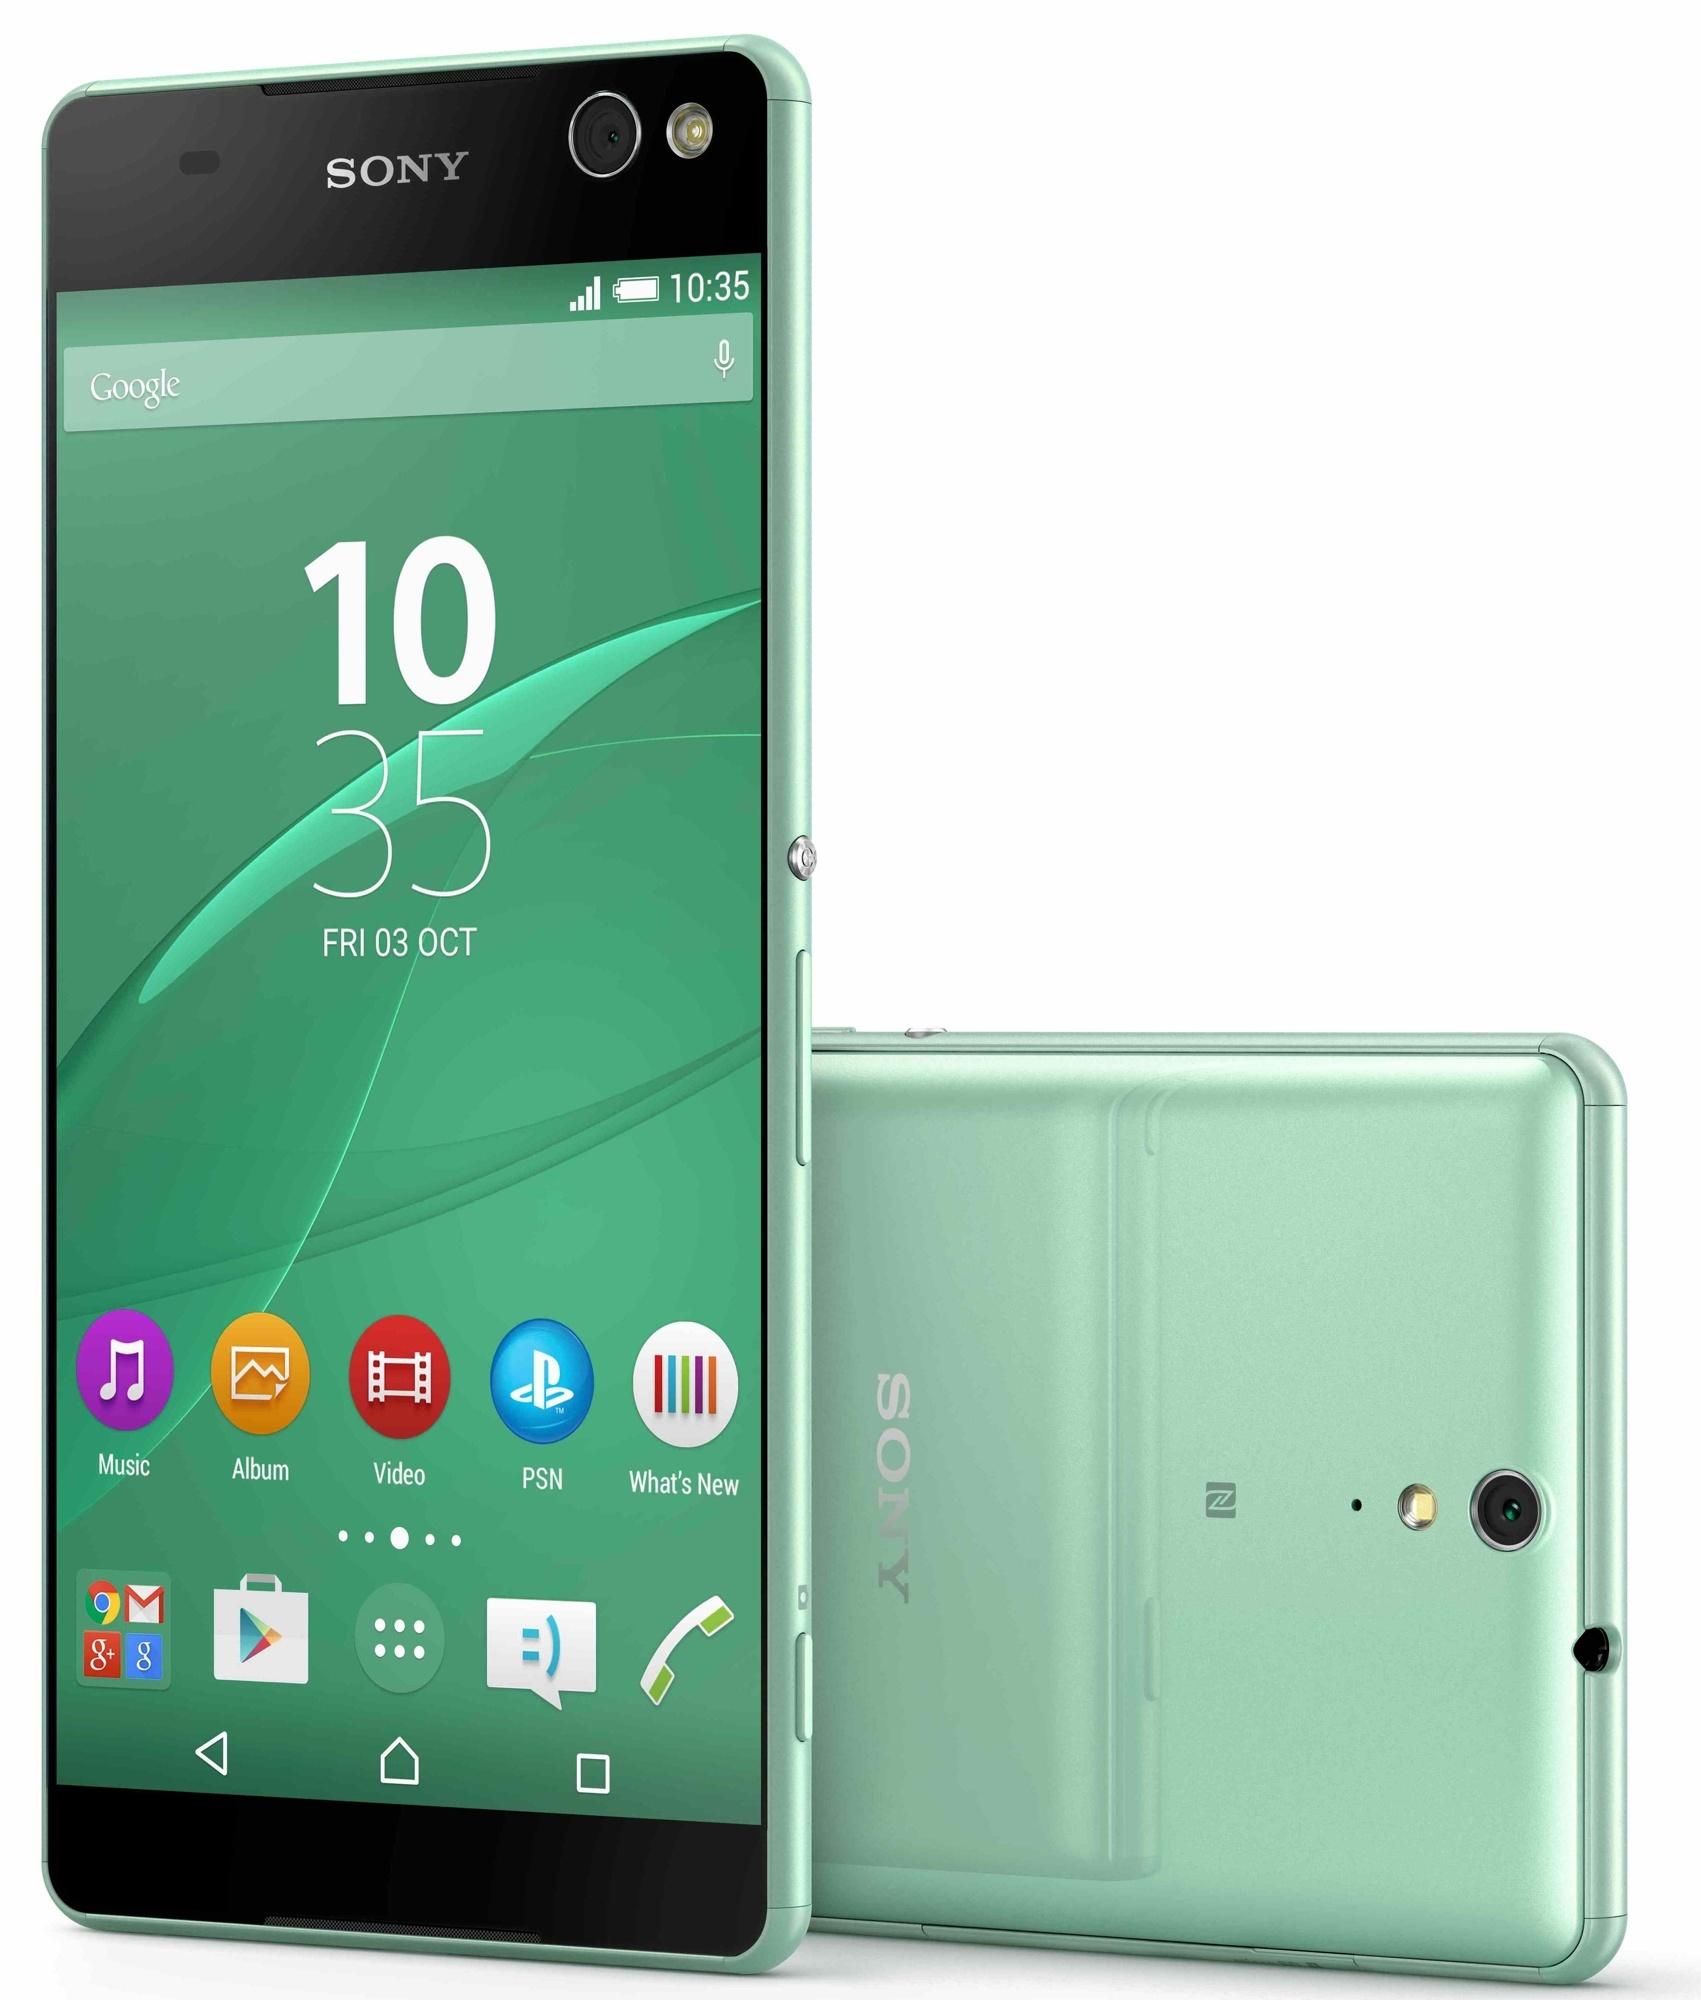 Официально: уникальный безрамочный смартфон Sony